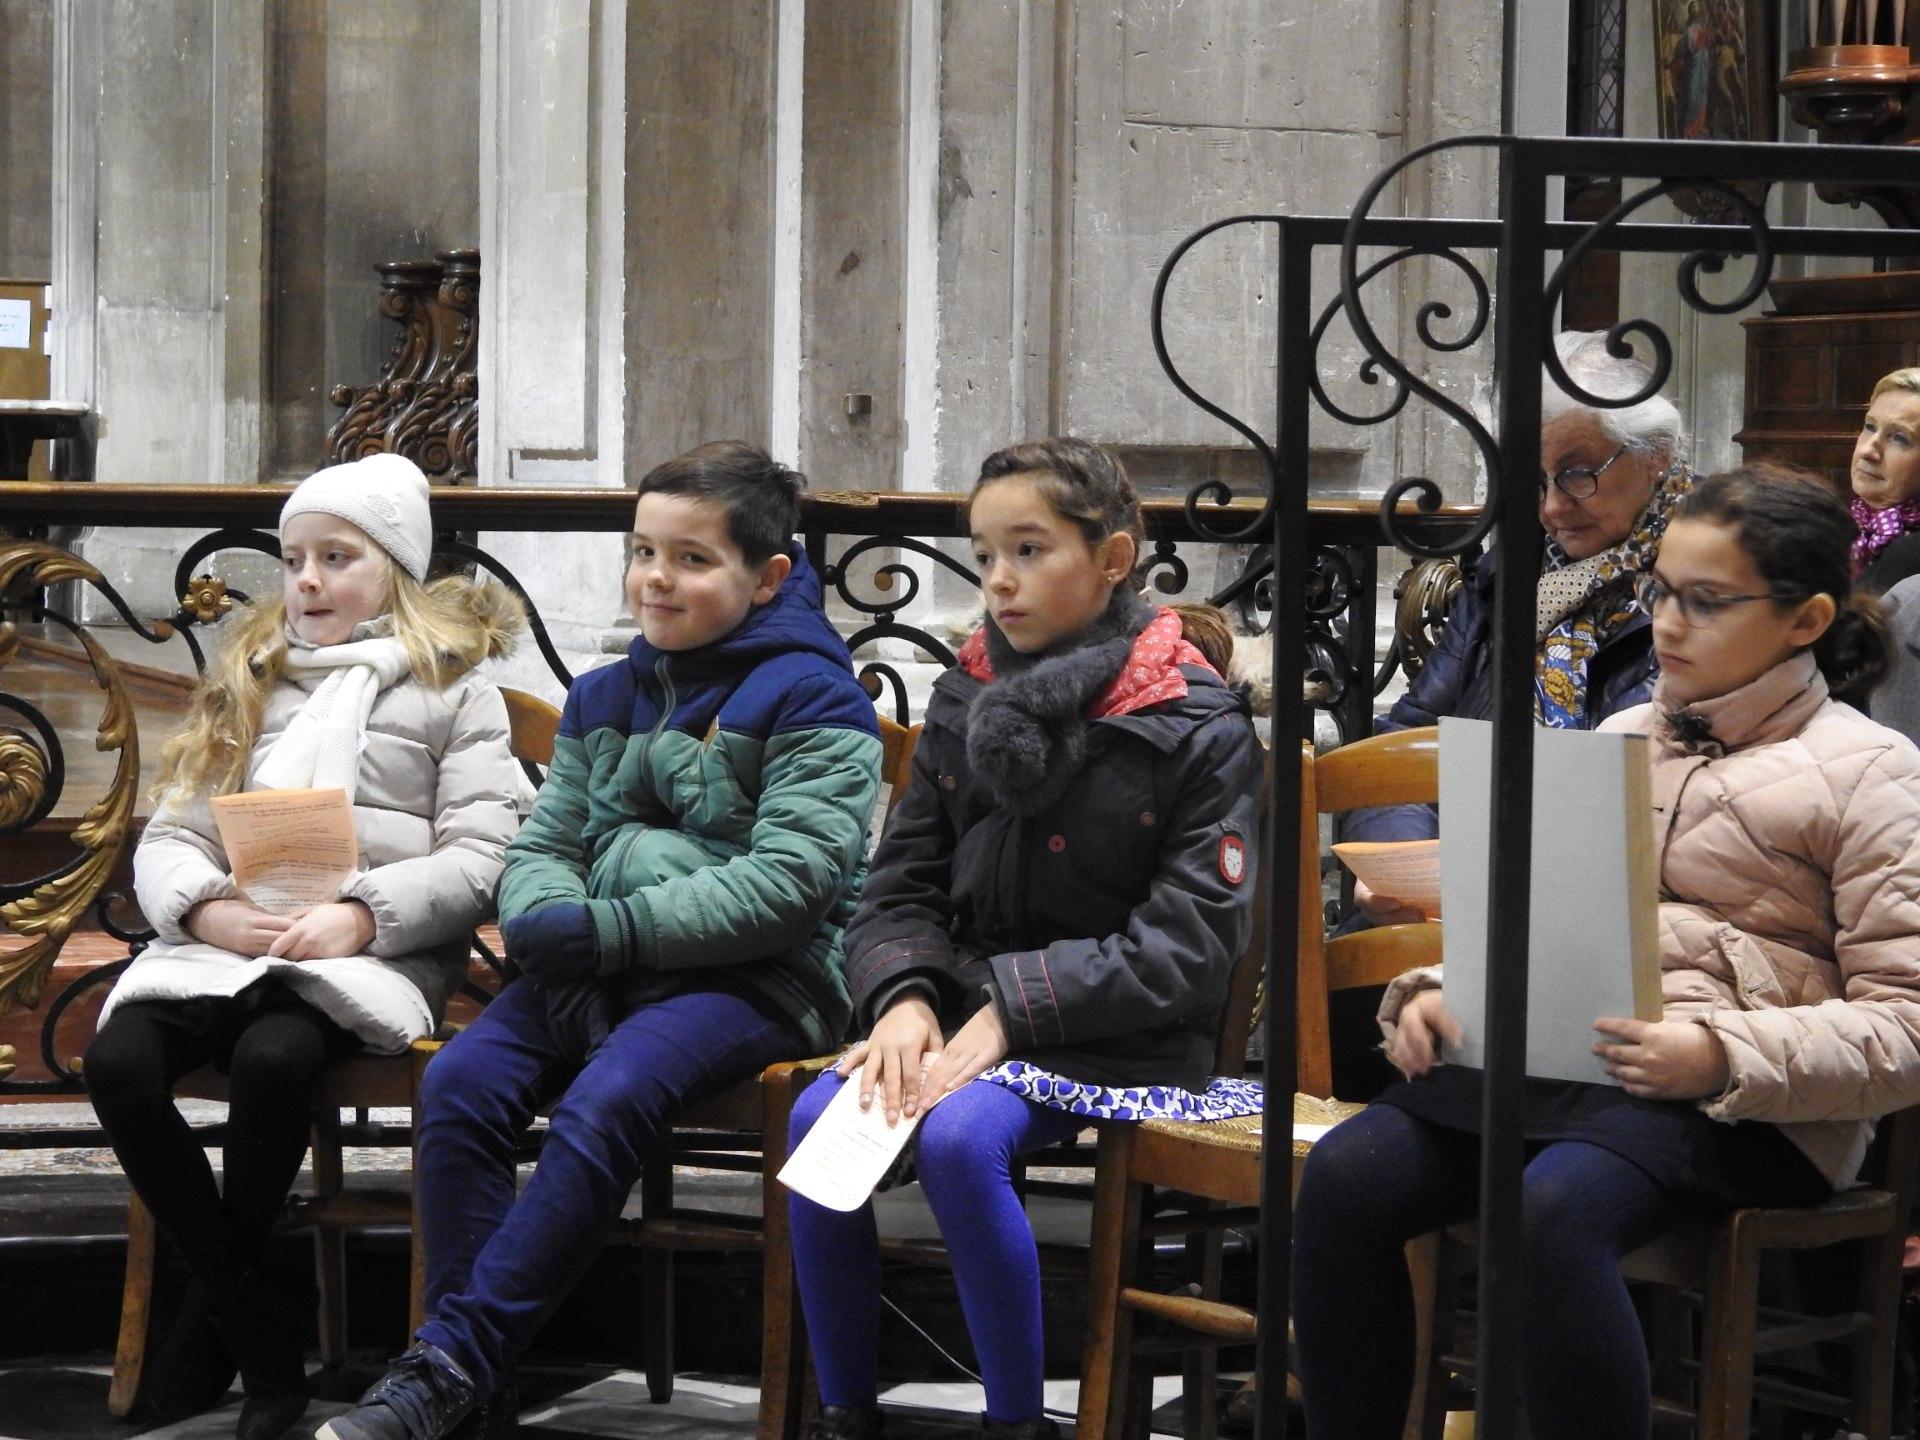 Messe familles St Francois 2018 01 21 (8)